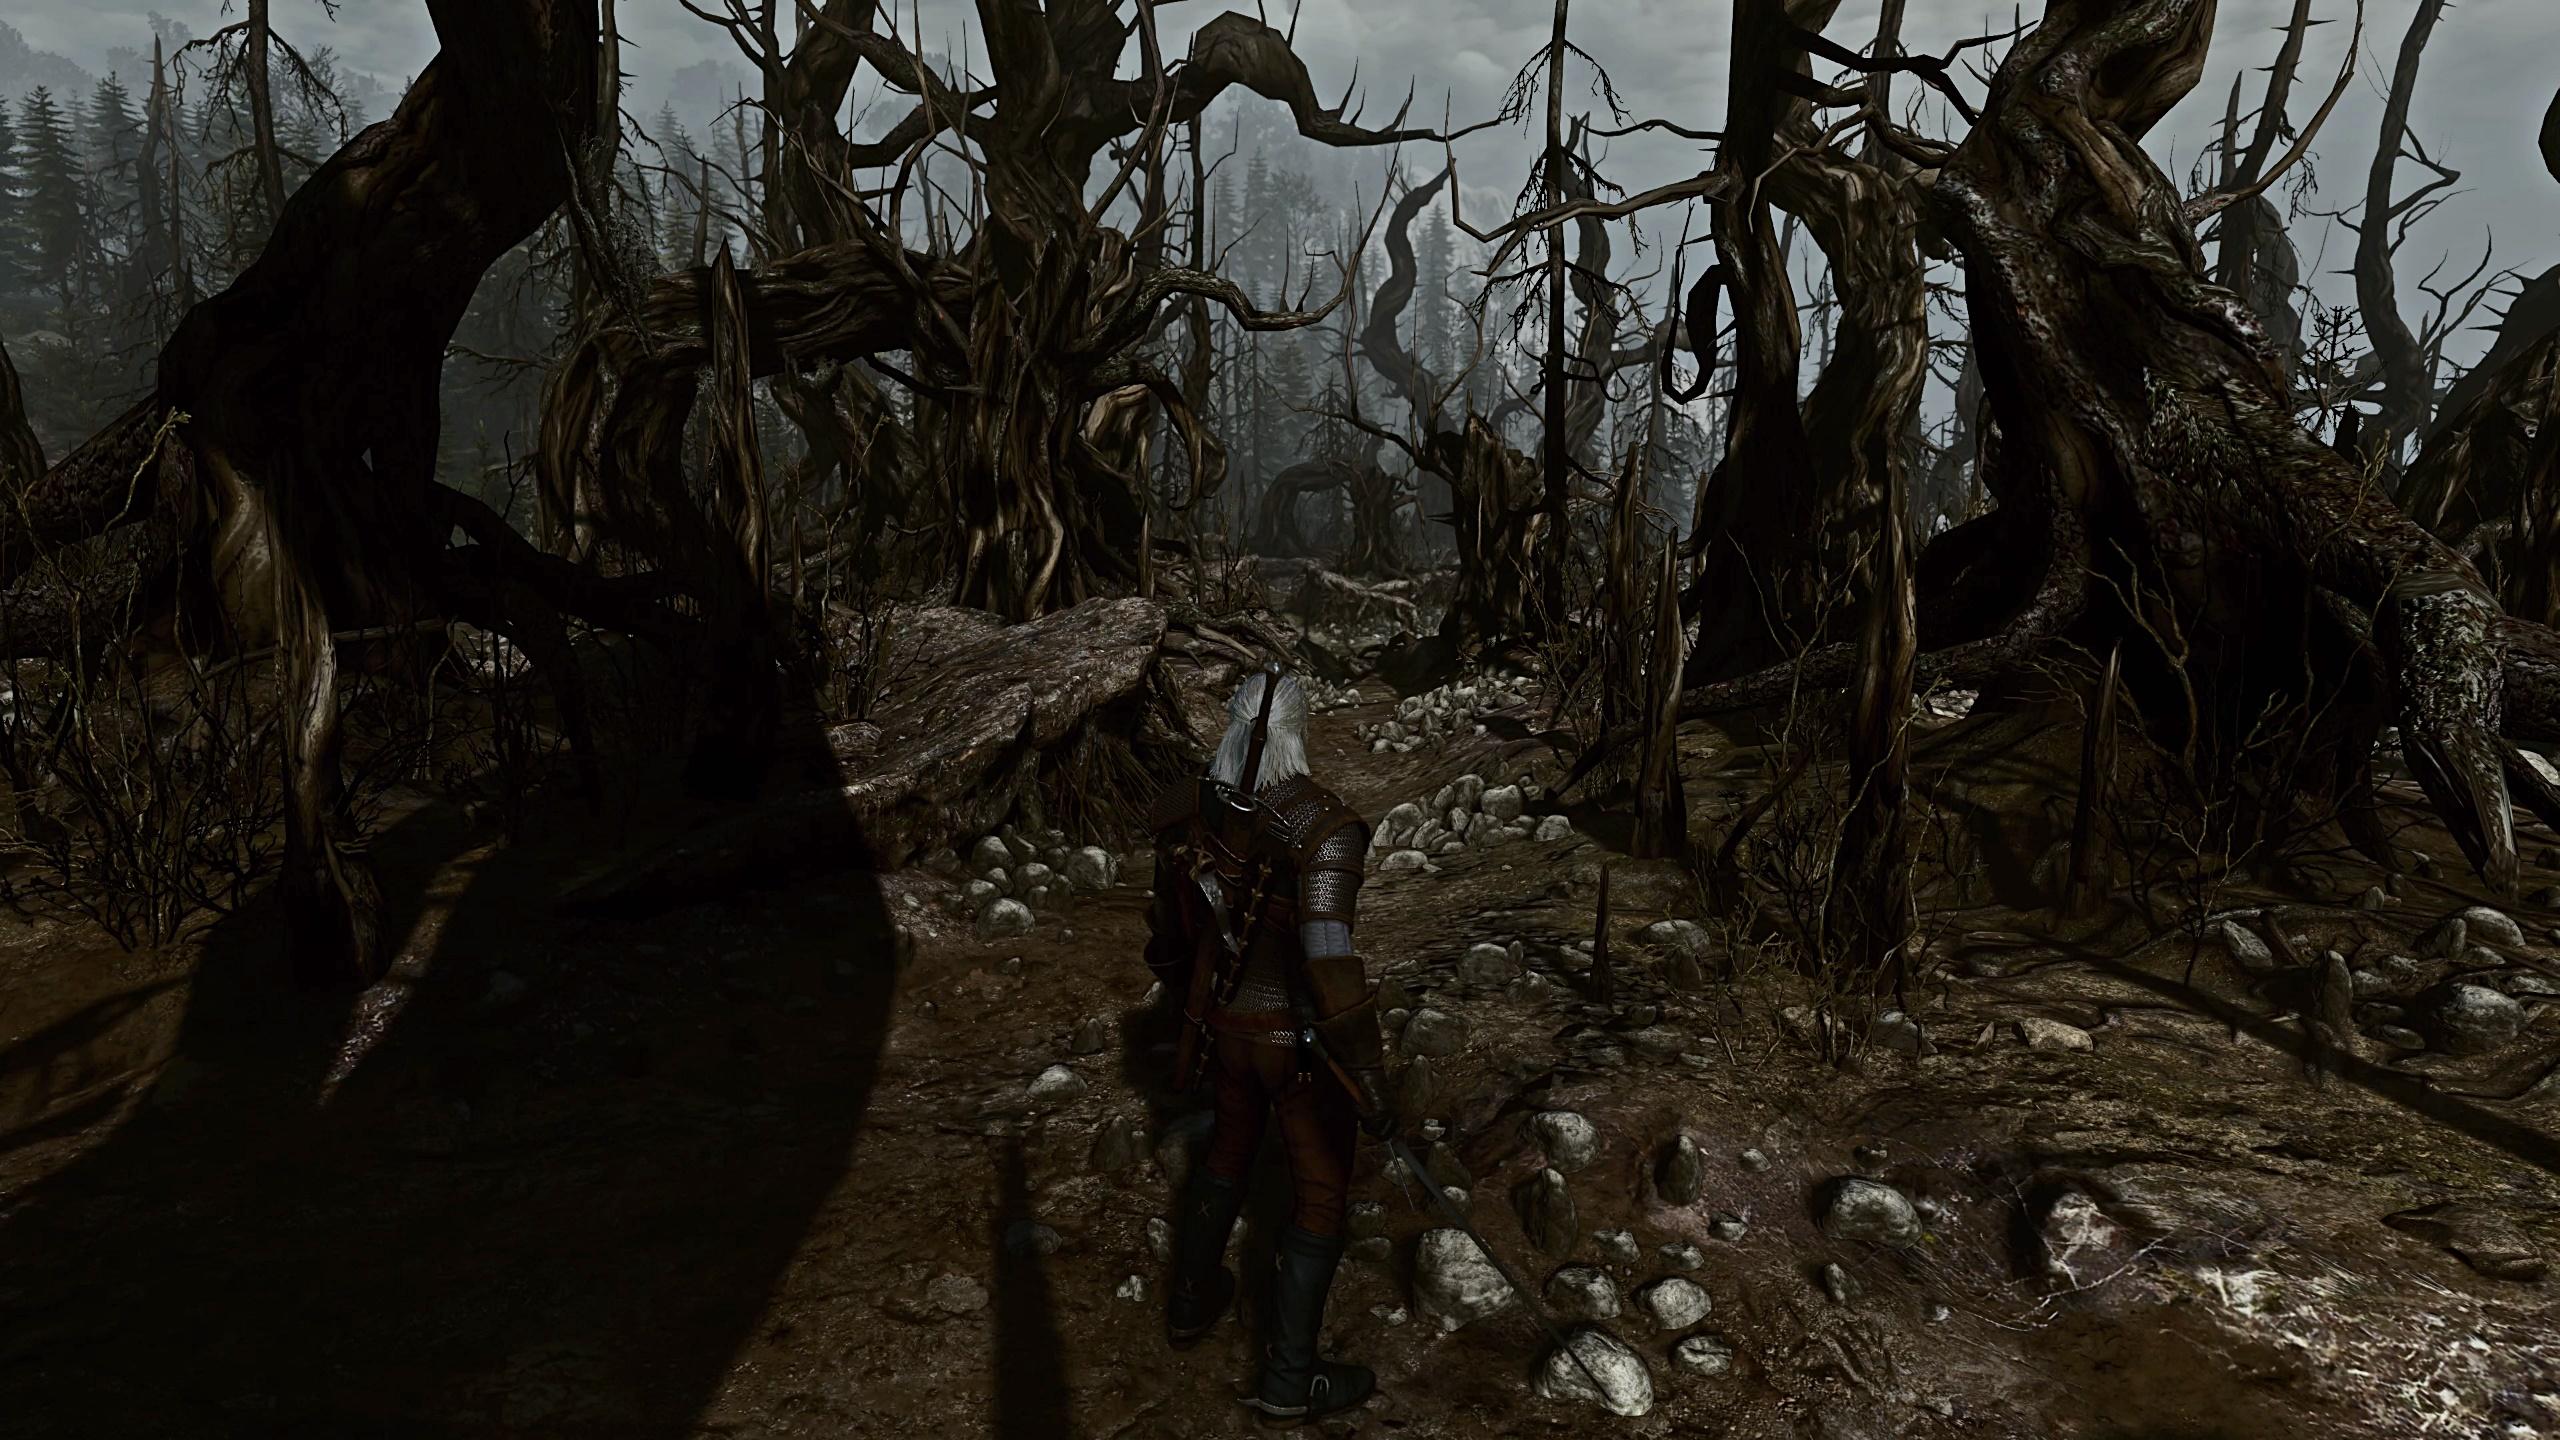 Witcher 3 Mod List Reddit